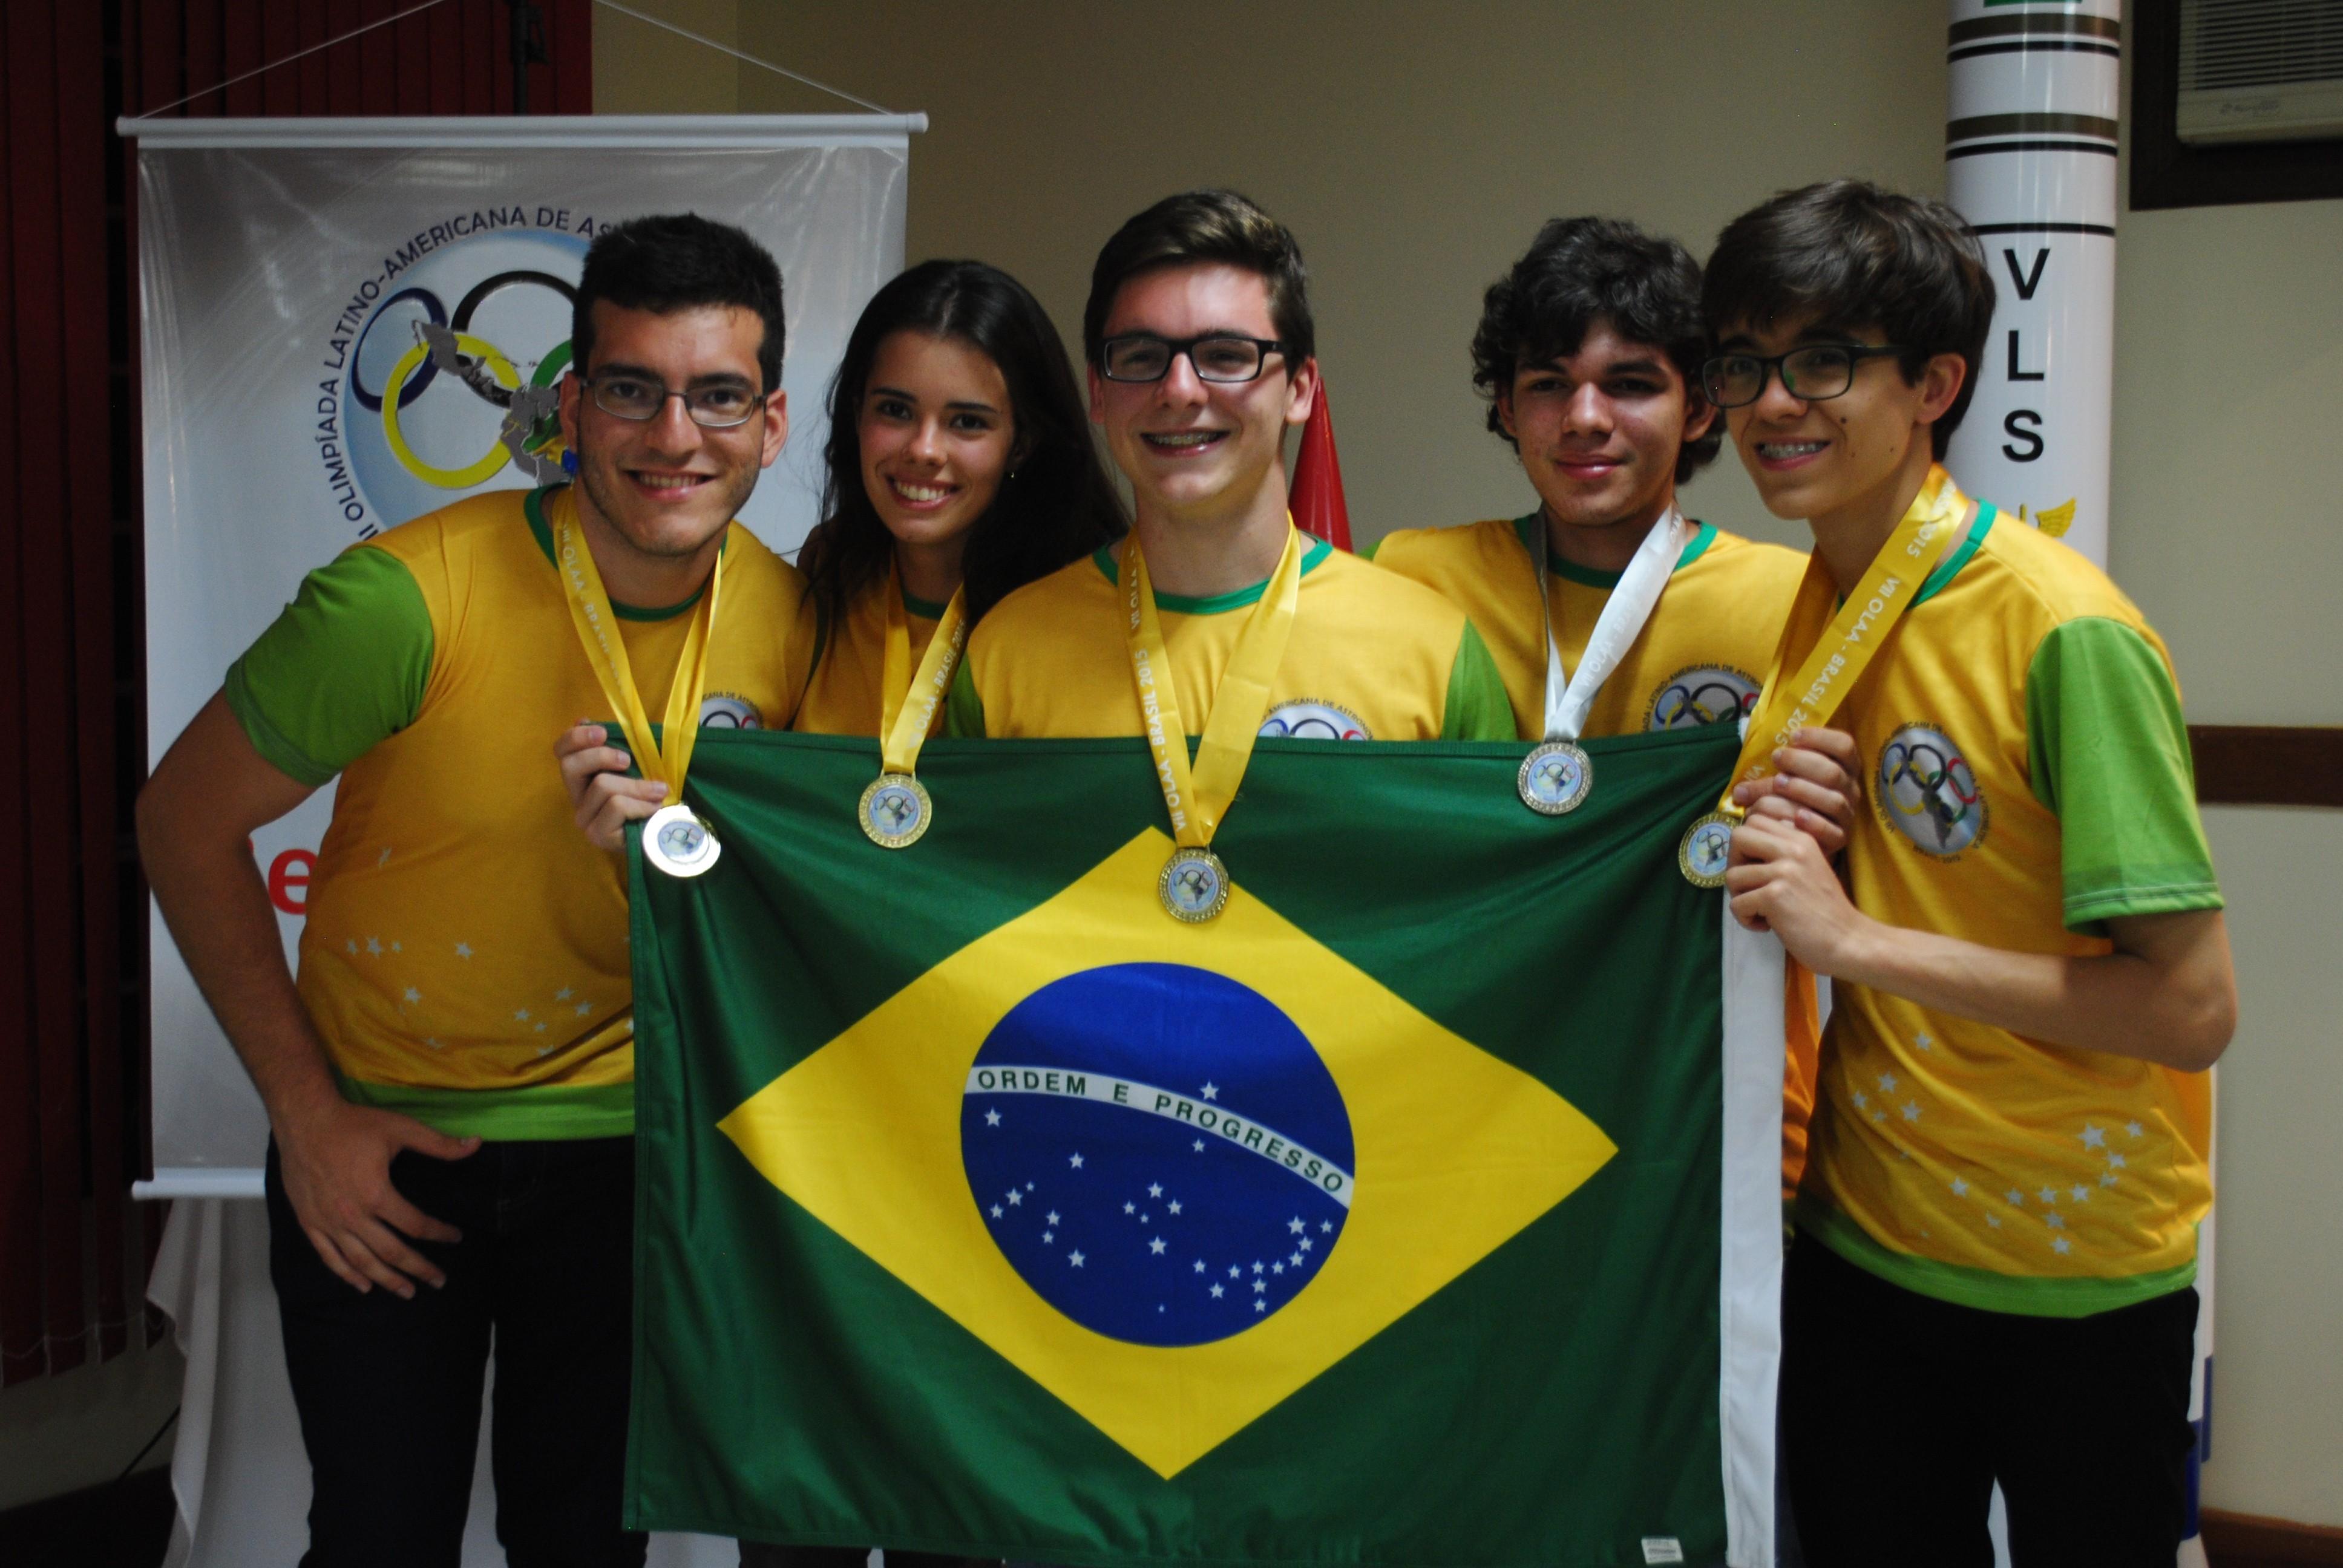 Por causa do desempenho dos cinco, o Brasil teve os melhores resultados na história do evento (Foto: Divulgação/Carlos Pinho)